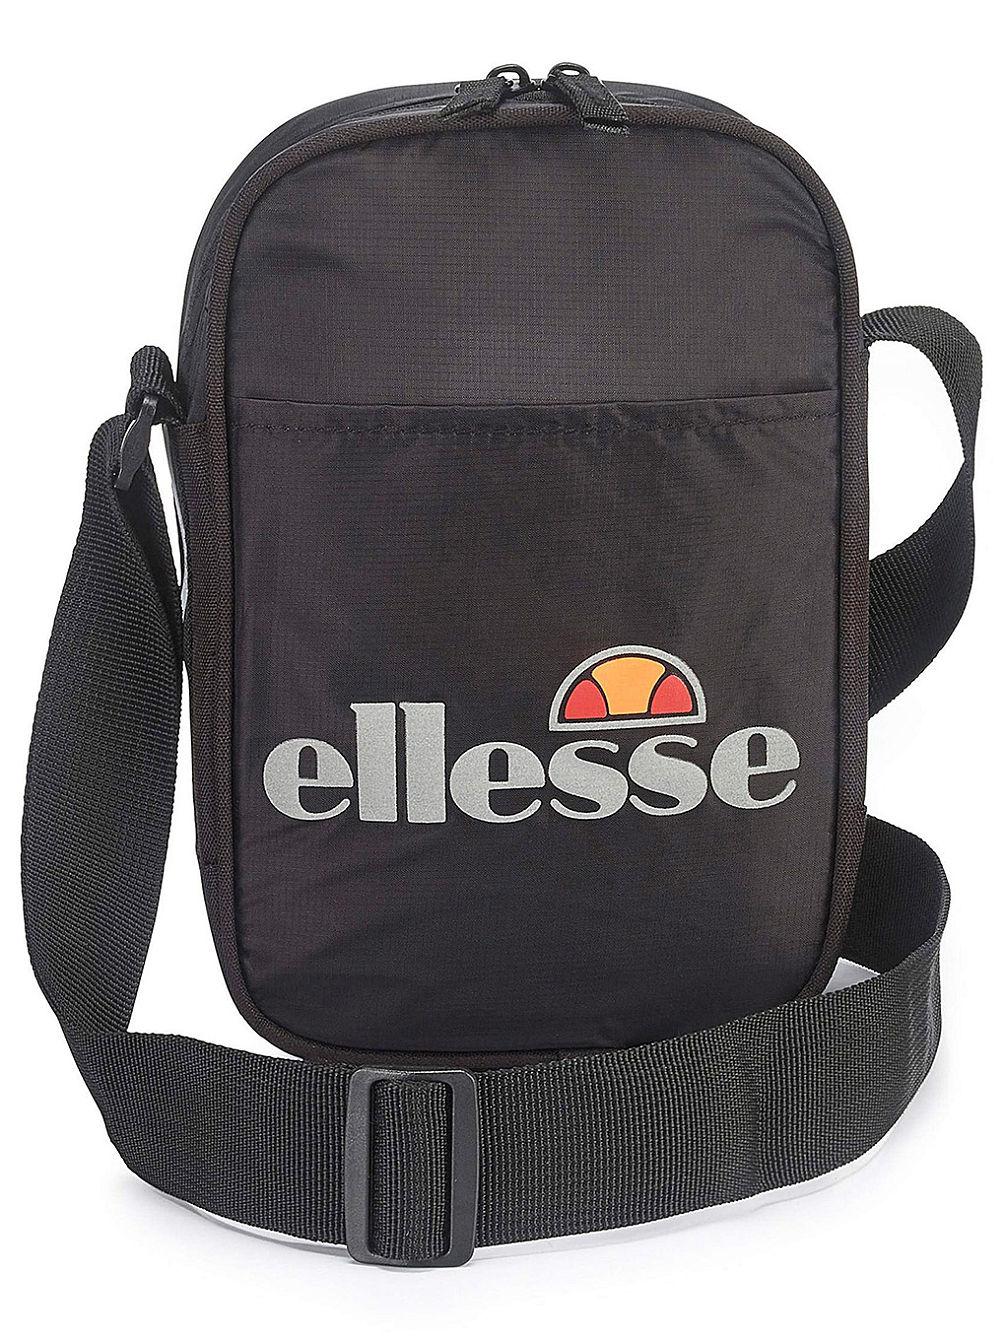 ba2162c25490 Buy Ellesse Lukka Cross Body Bag online at blue-tomato.com